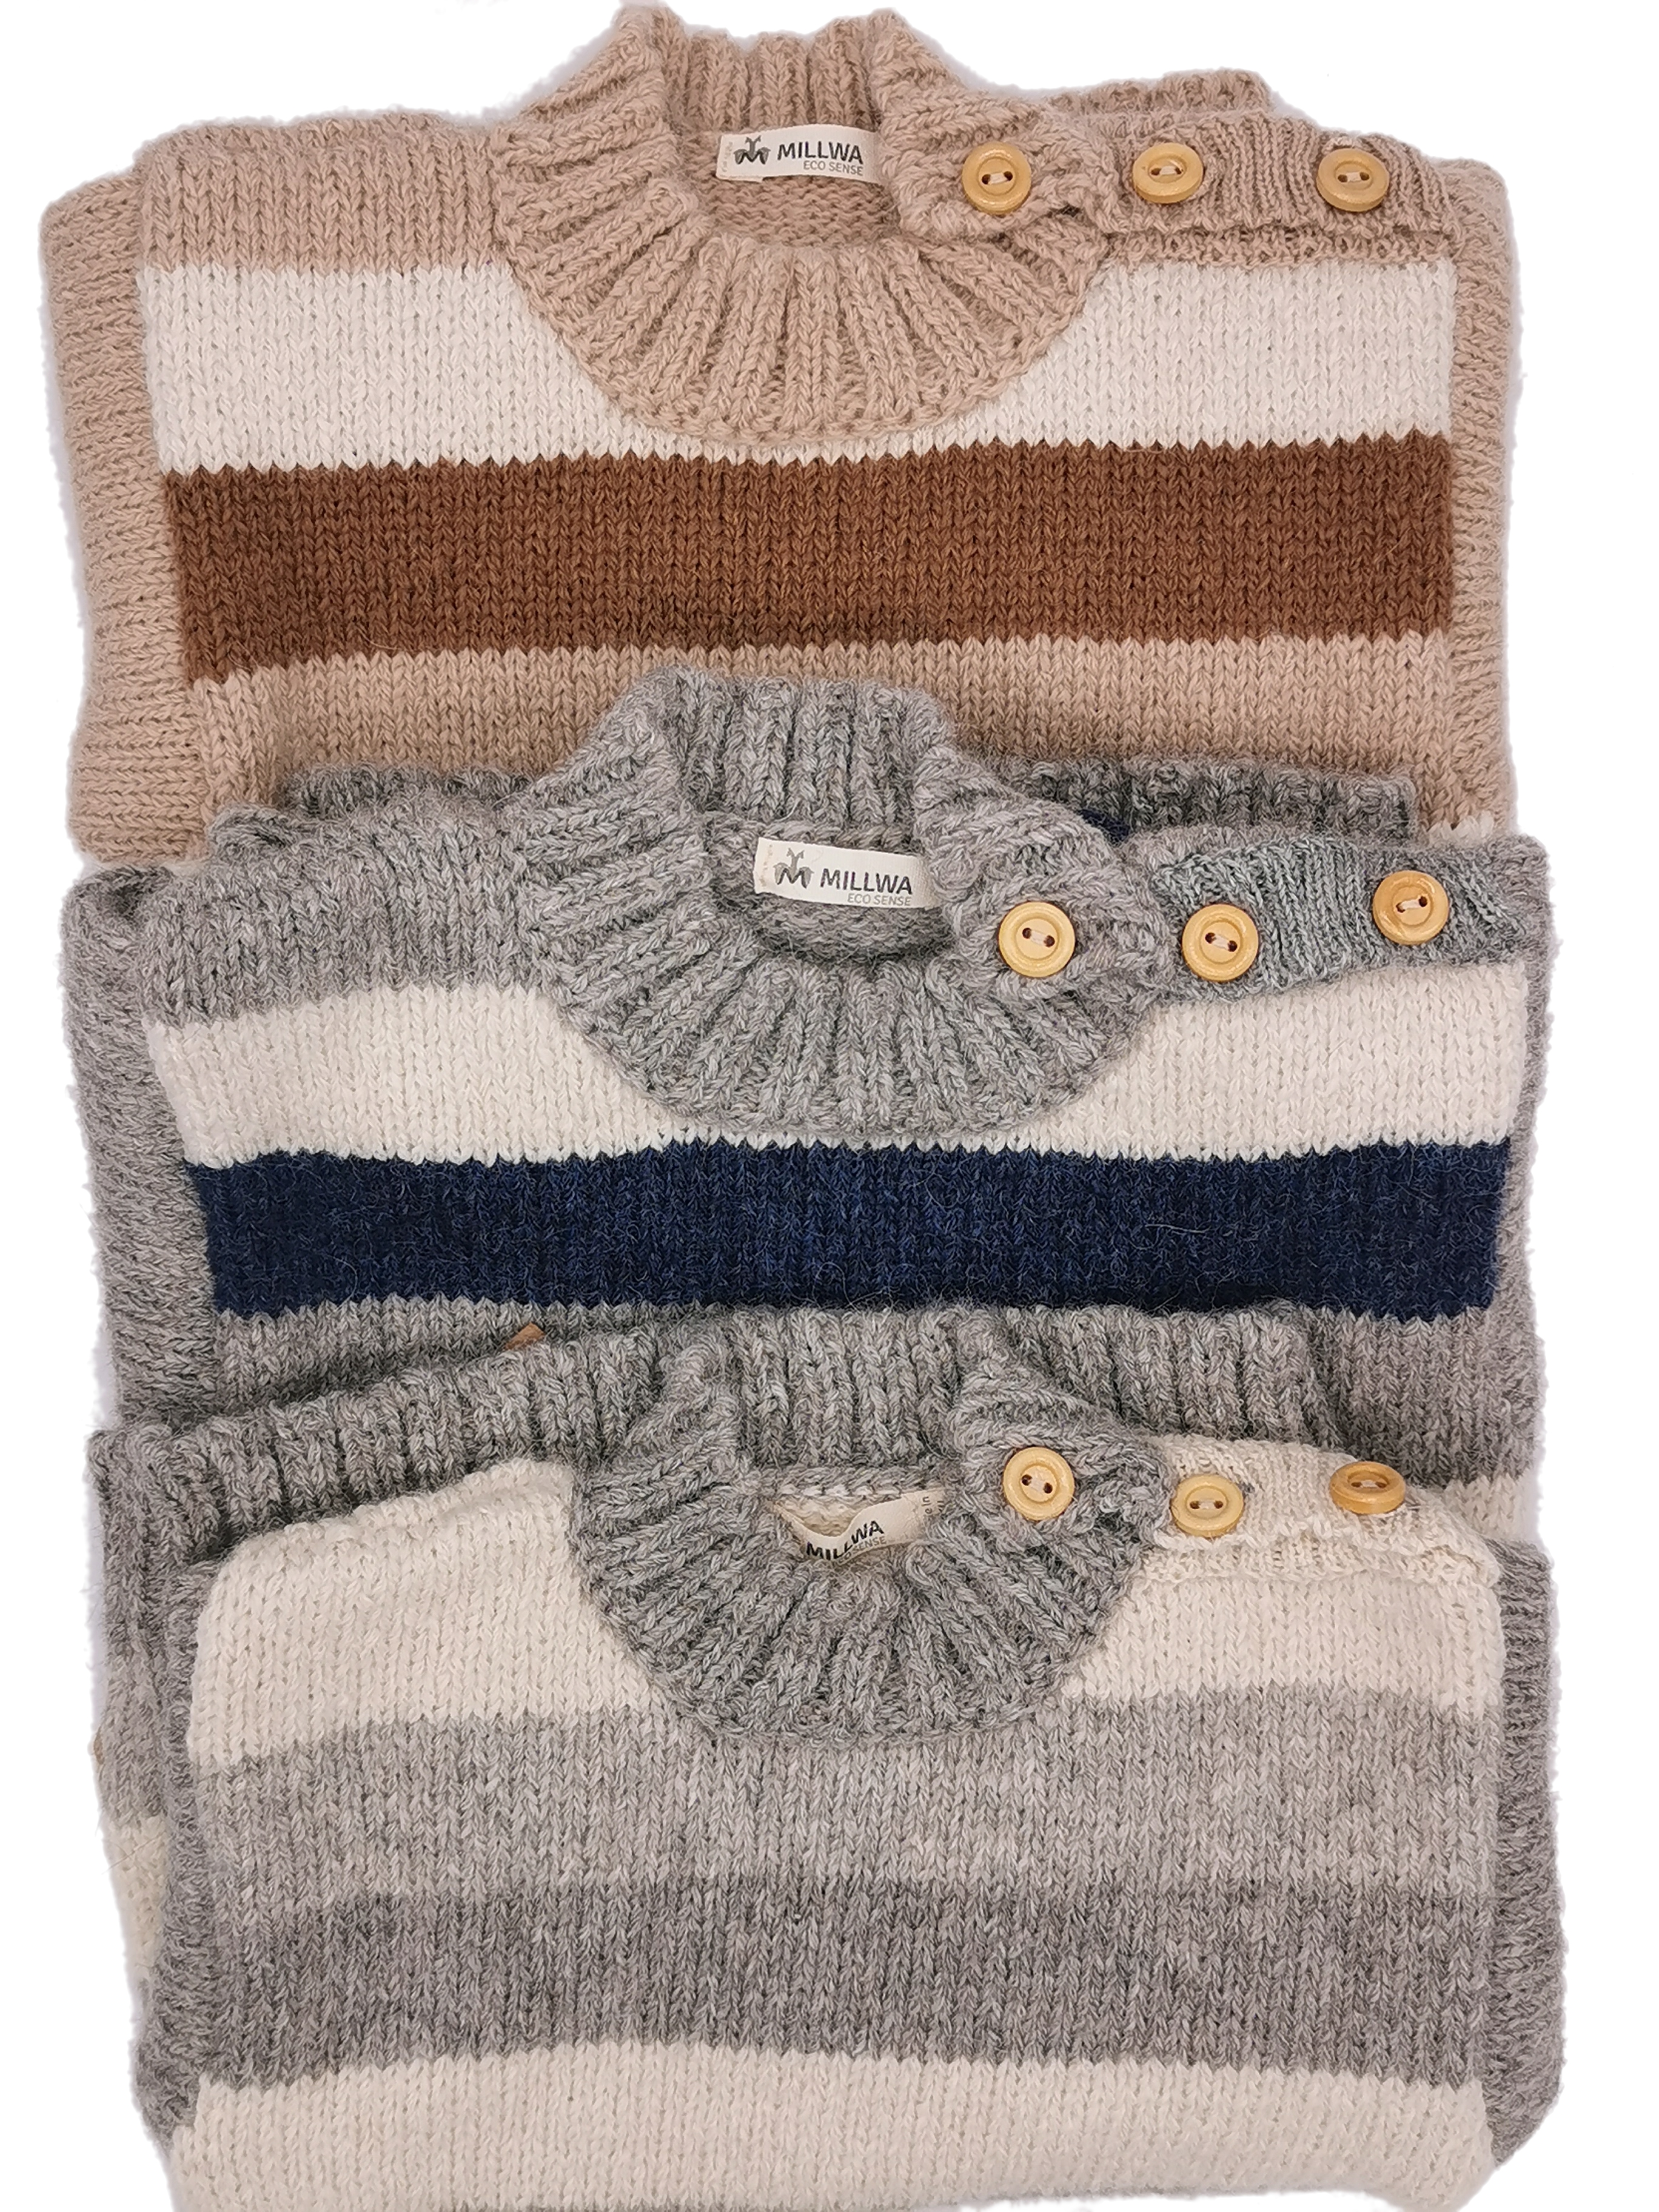 Hochwertige Pullover für Kinder im edlem Blockstreifendesign aus Babyalpakawolle in 3 verschiedenen Farben